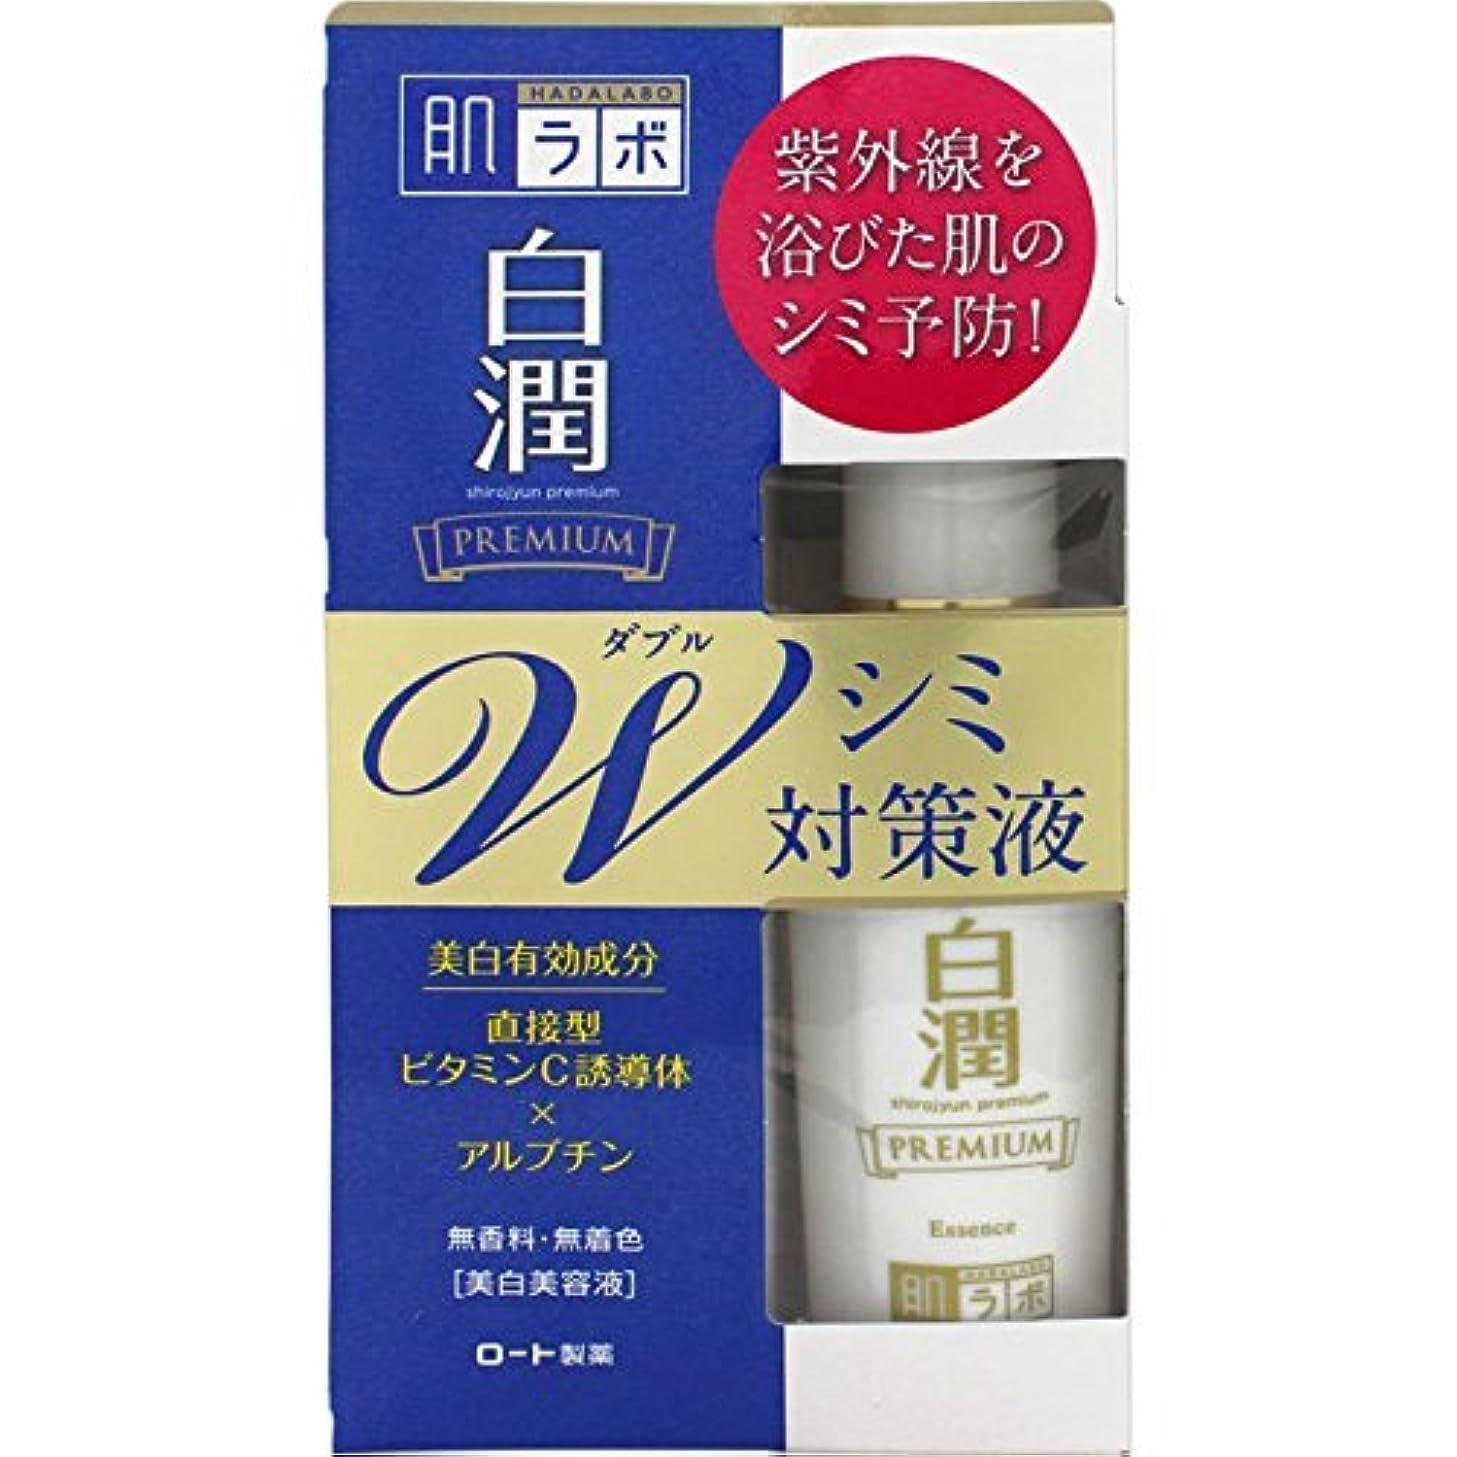 ソース舗装する水銀の肌ラボ 白潤 プレミアムW美白美容液 40mL (医薬部外品)×2